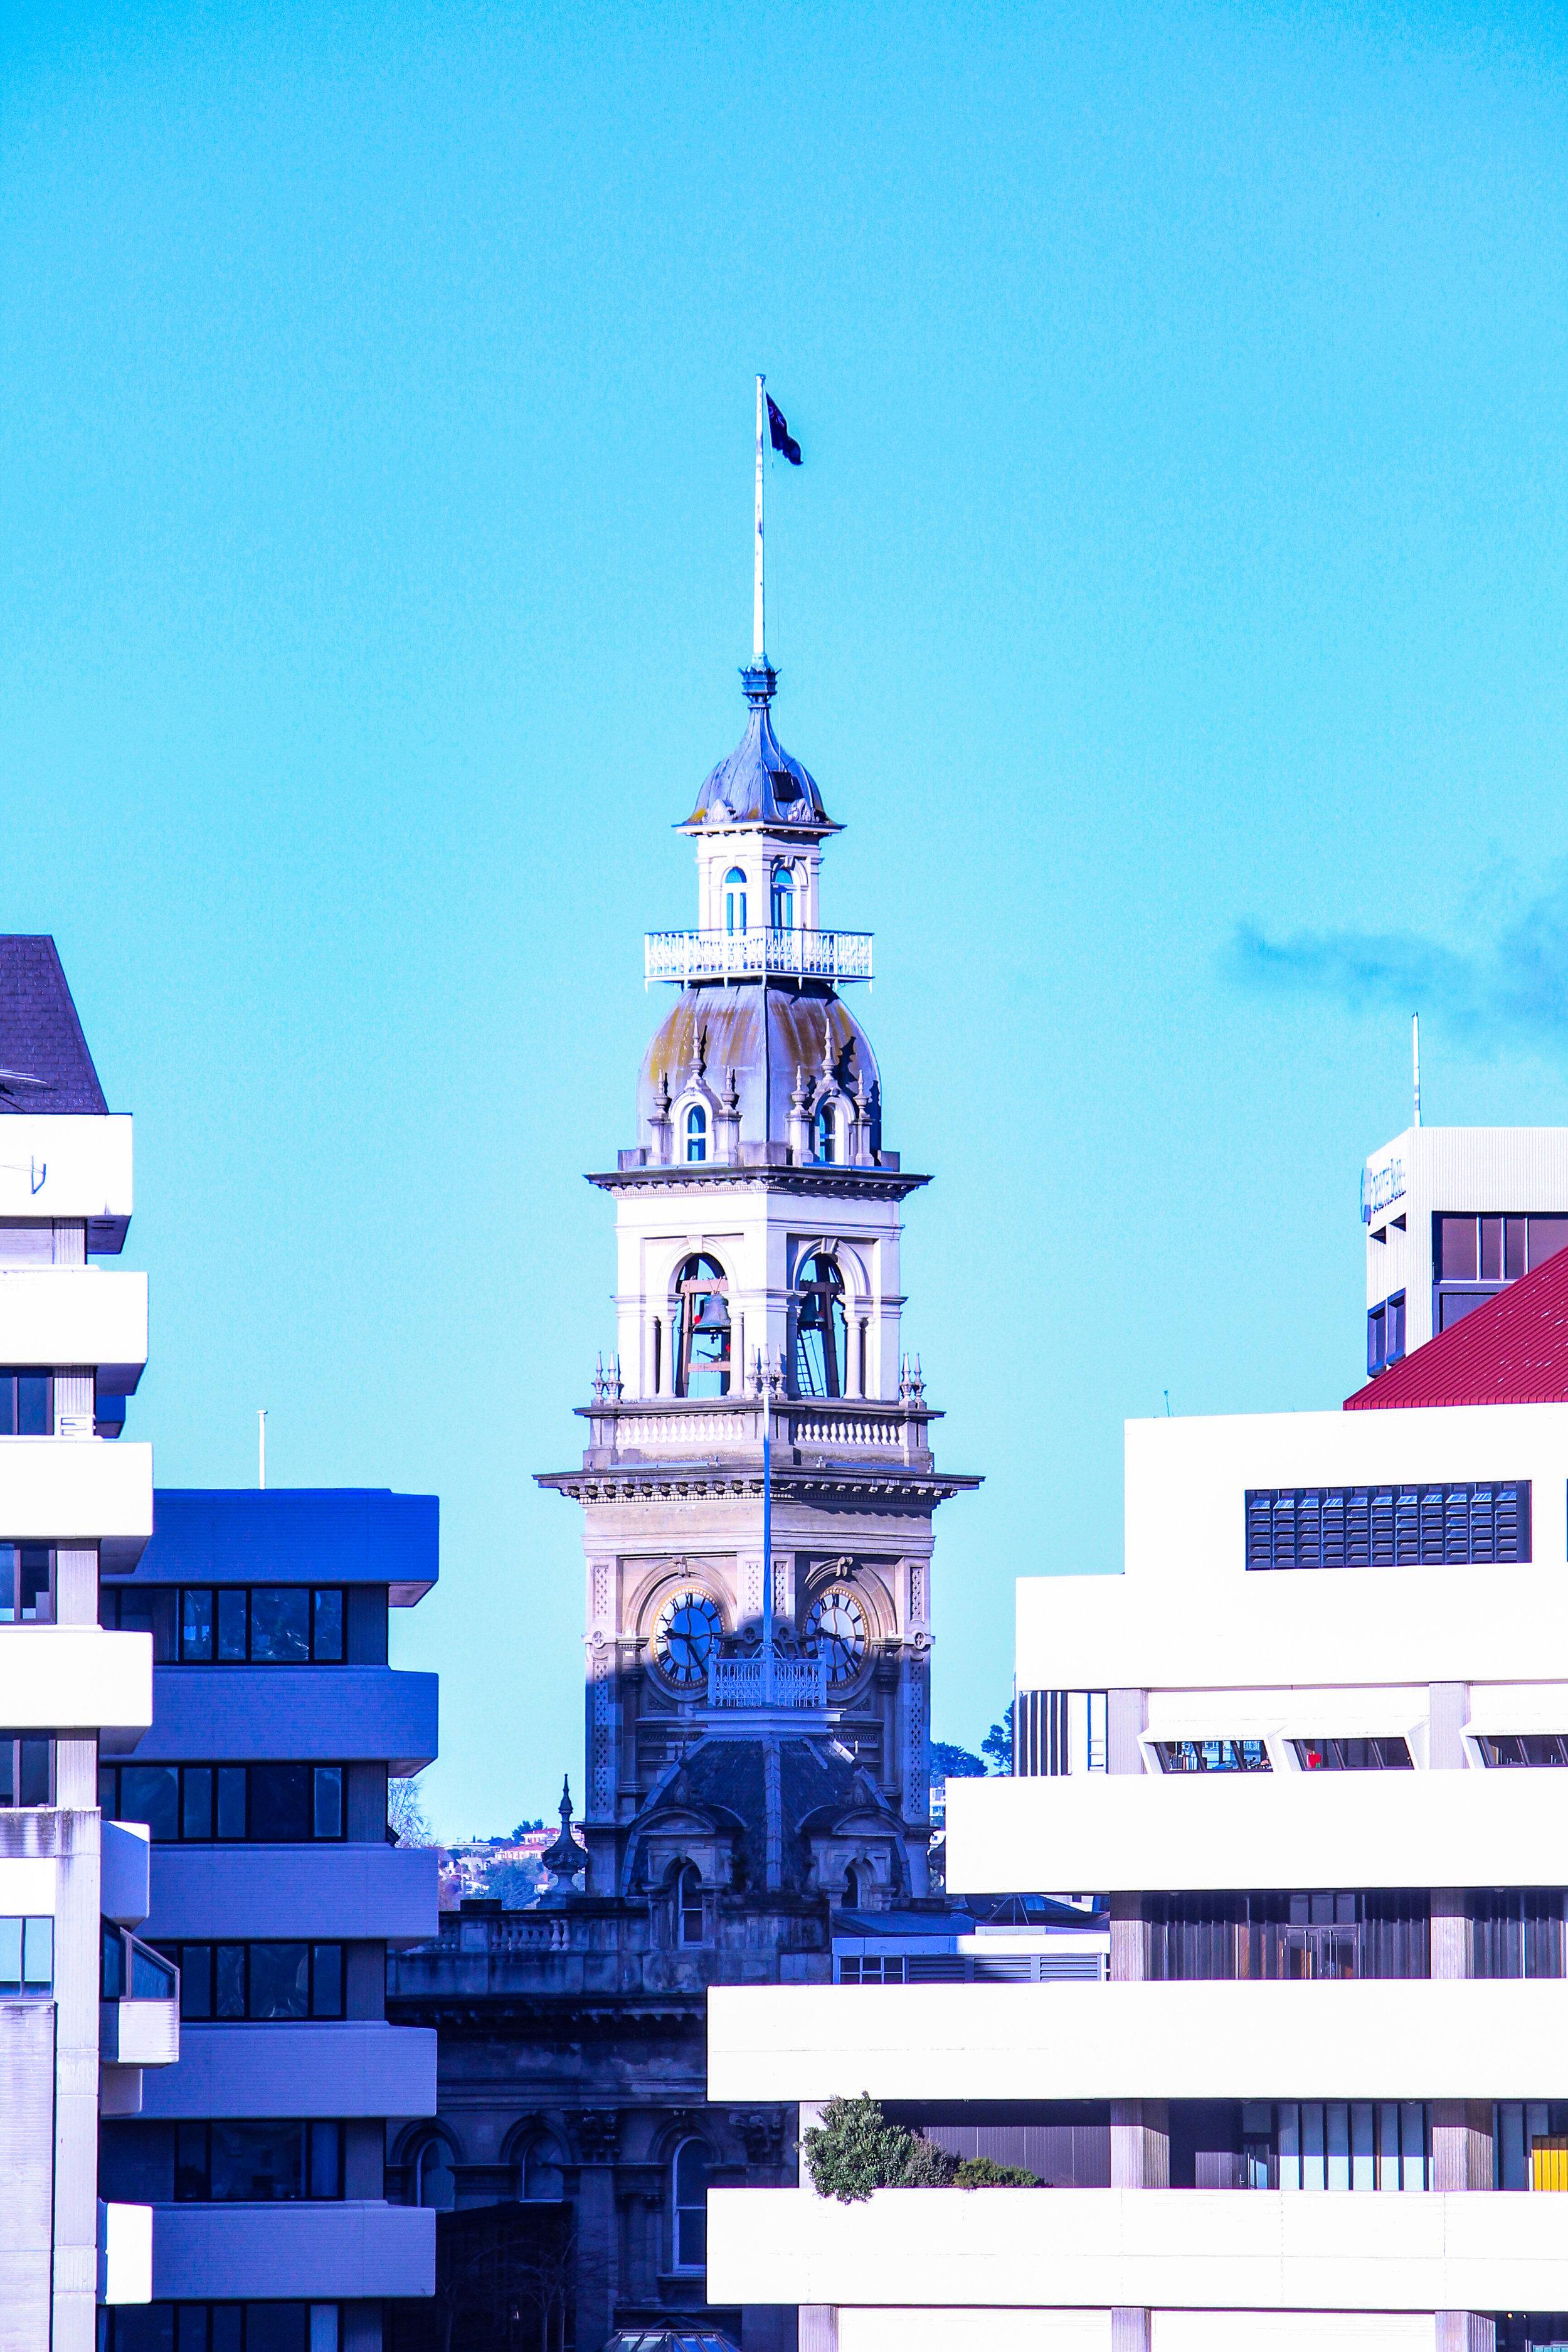 Dunedin clocktower Municipal chambers